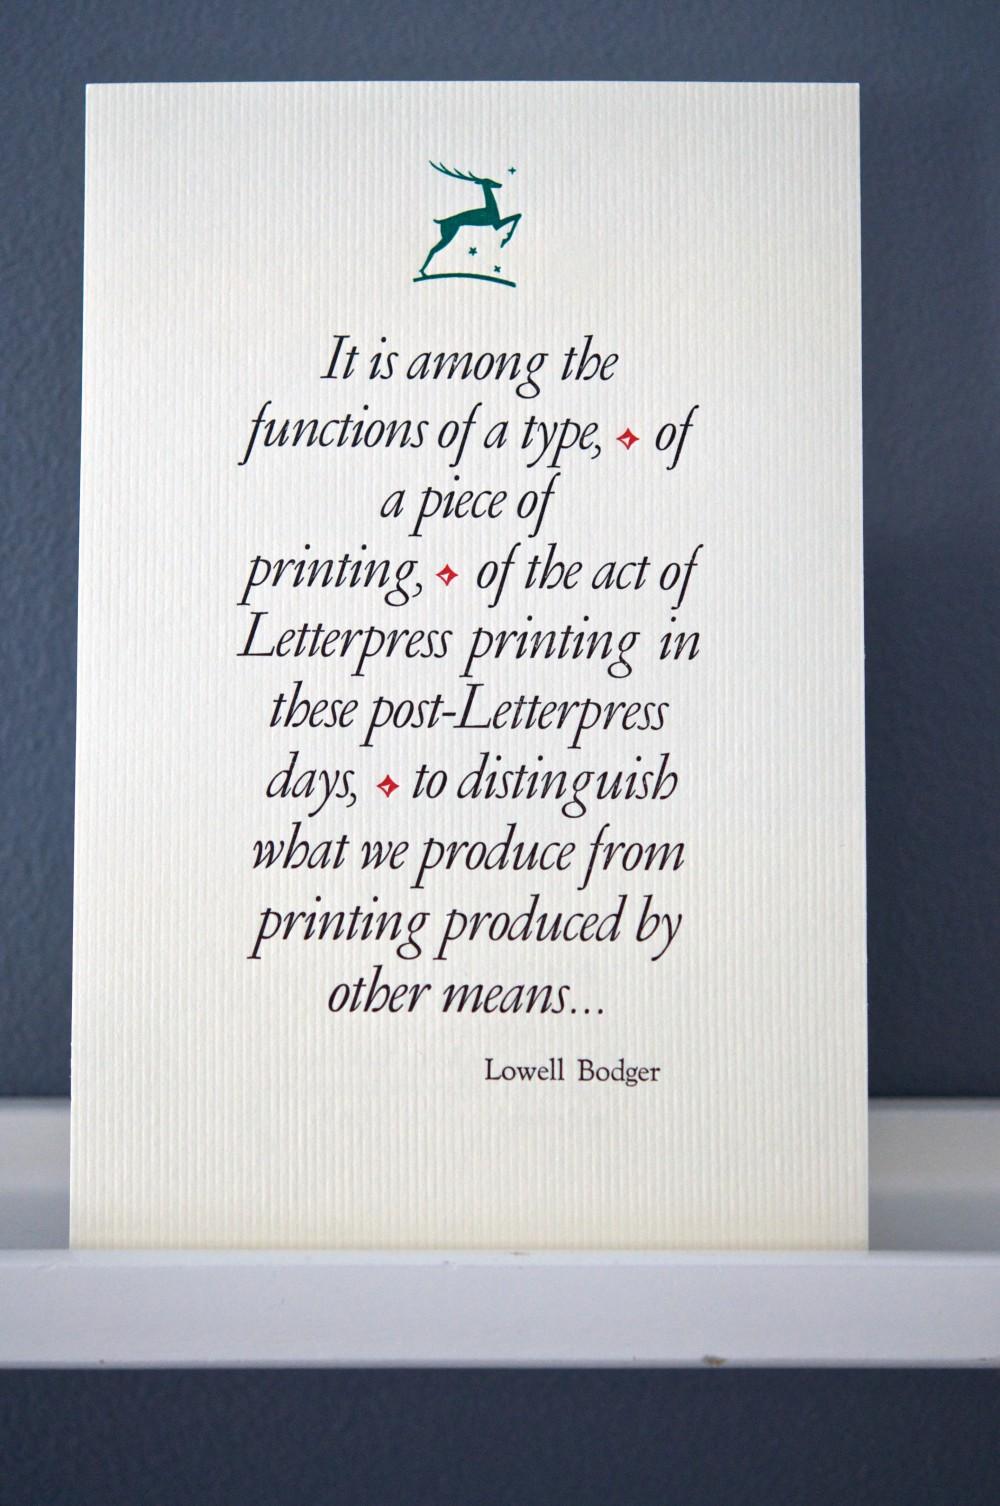 Functions of Type letterpress broadside